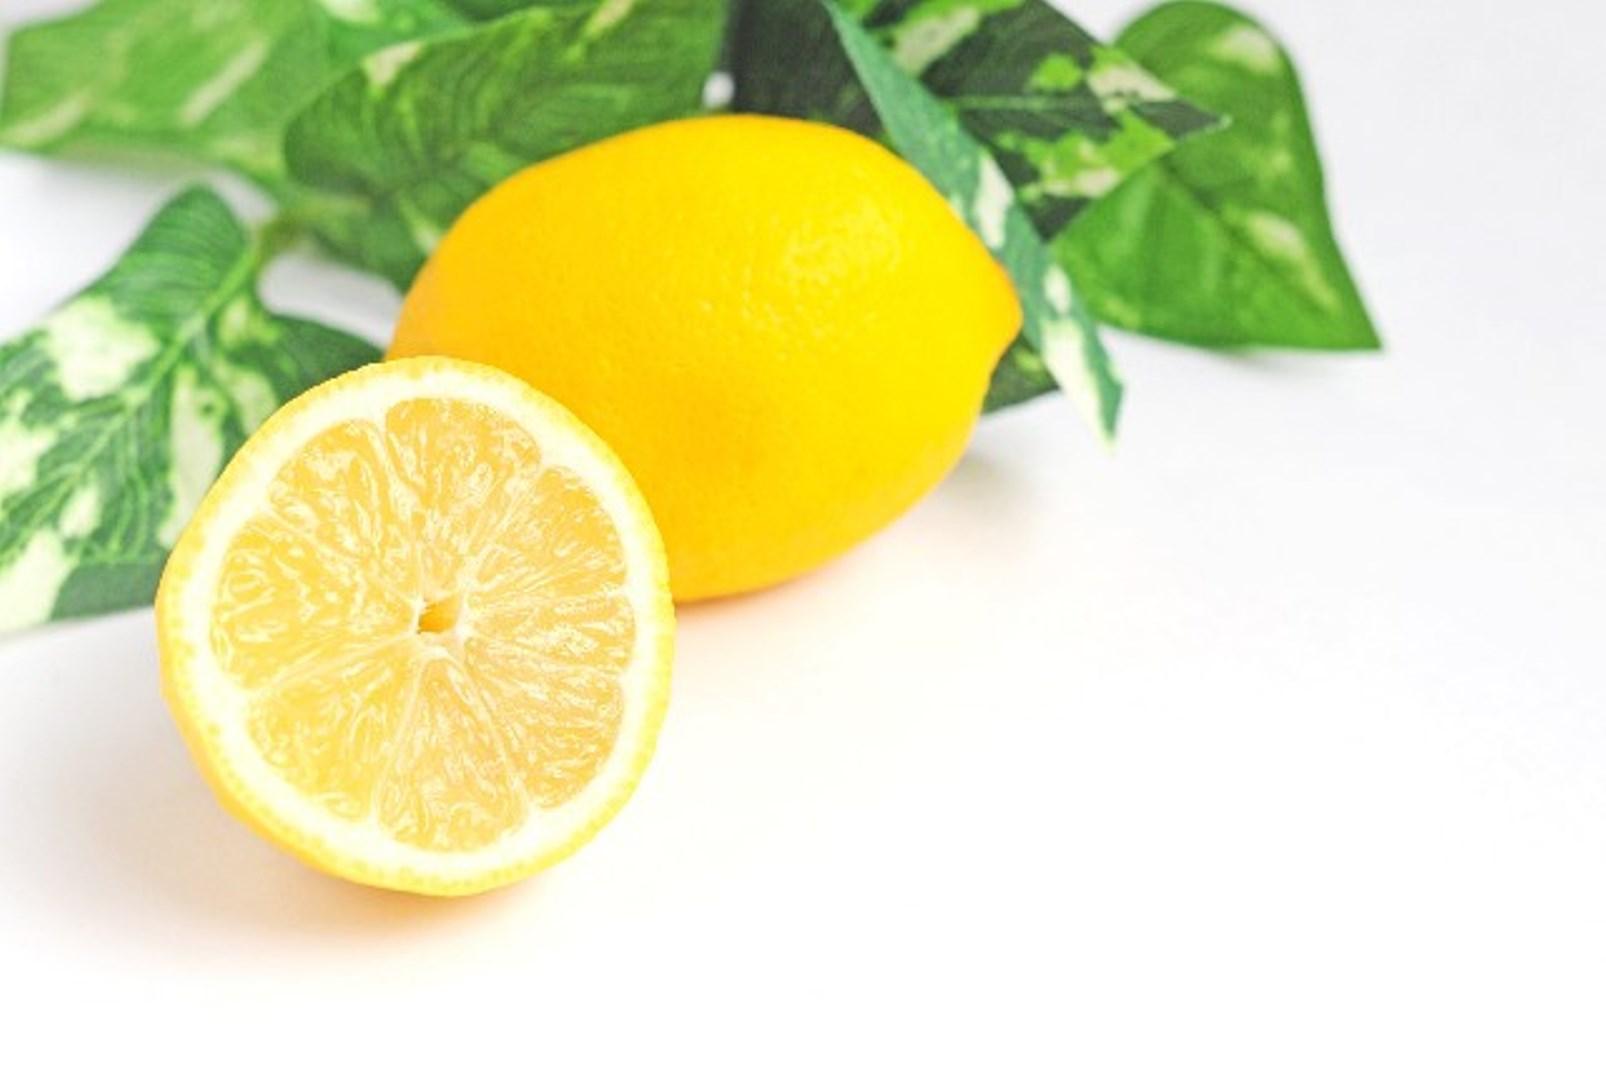 レモン&ライム水を6ヶ月間飲み続けた結果どうなったか?